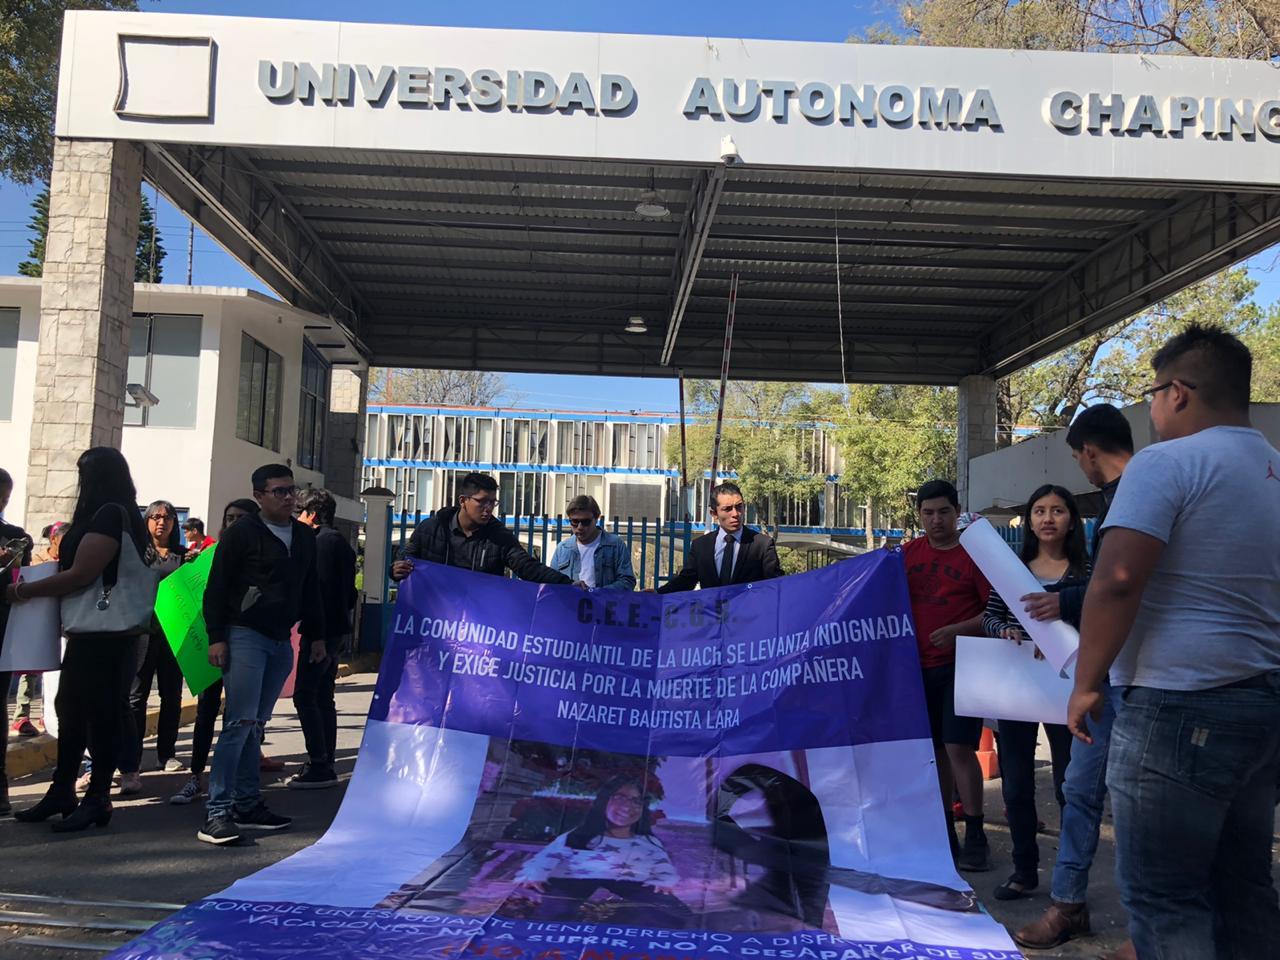 EXIGEN JUSTICIA Y SEGURIDAD EN UNIVERSIDAD DE CHAPINGO